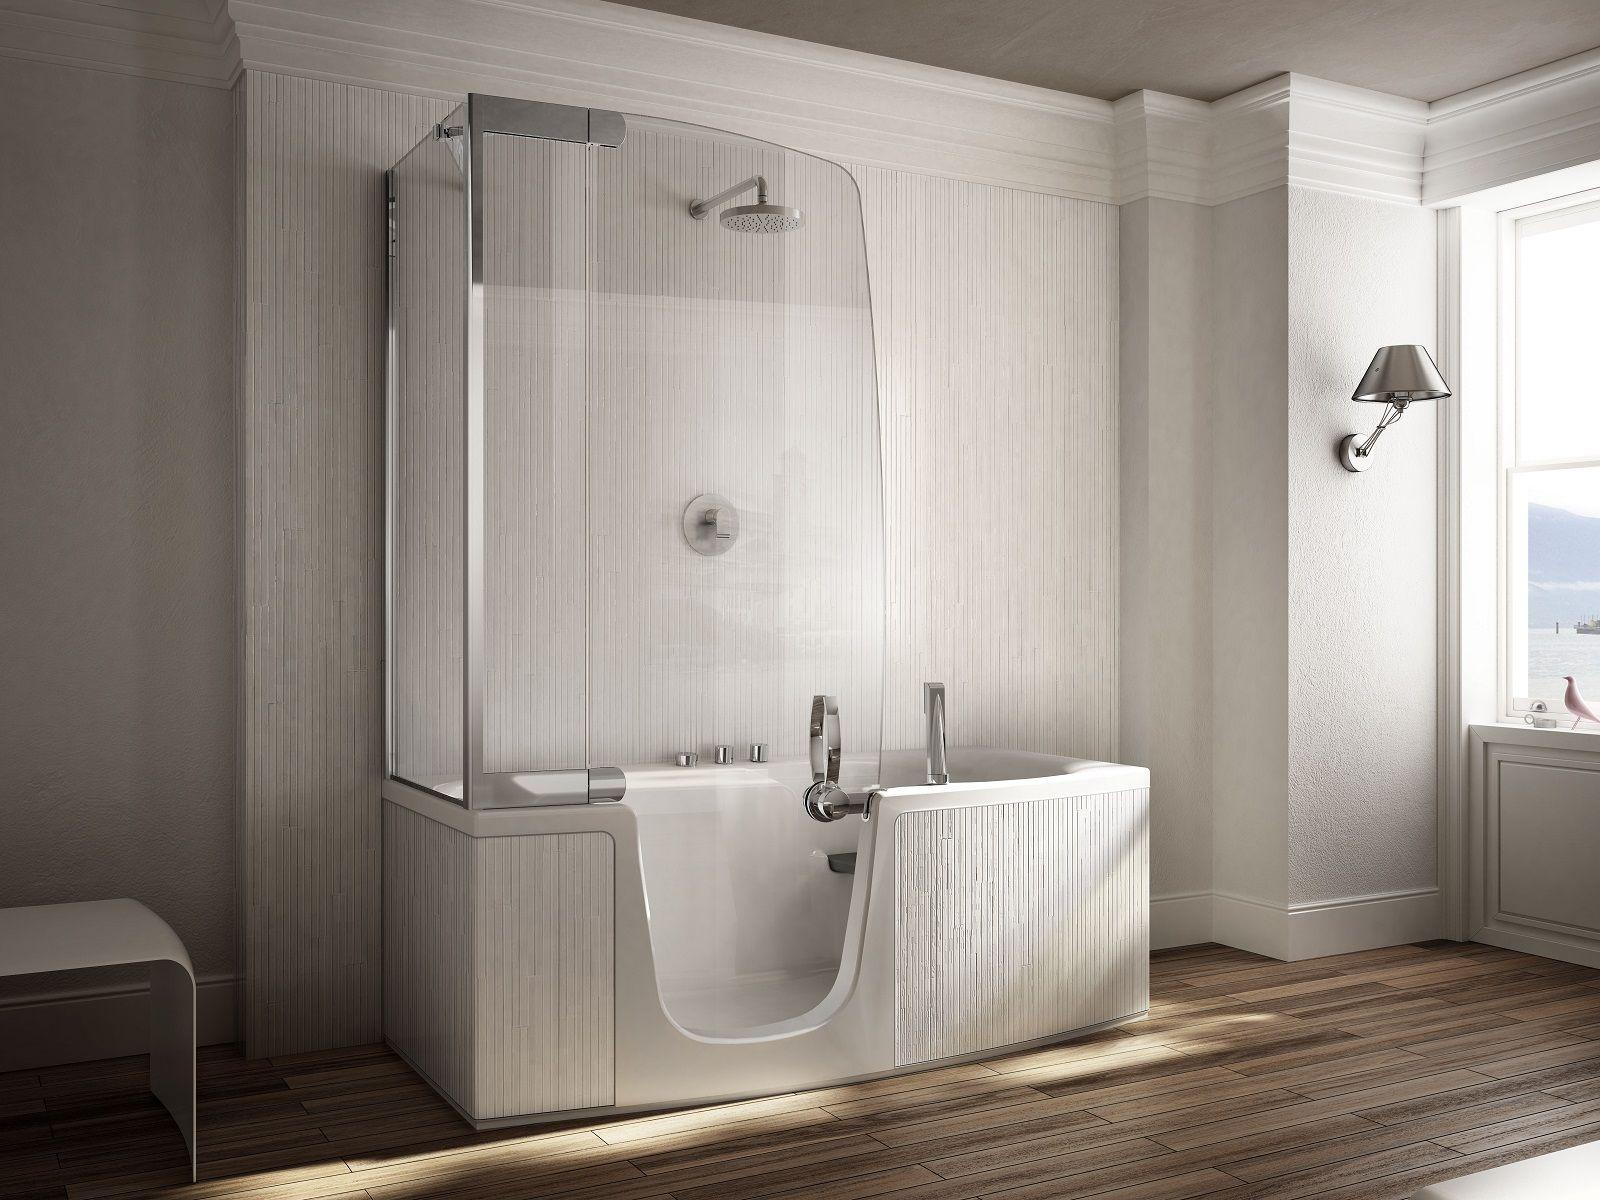 Vasca Da Bagno Dimensioni Ridotte : Vasche da bagno piccole dimensioni corporatebs com the baltic post